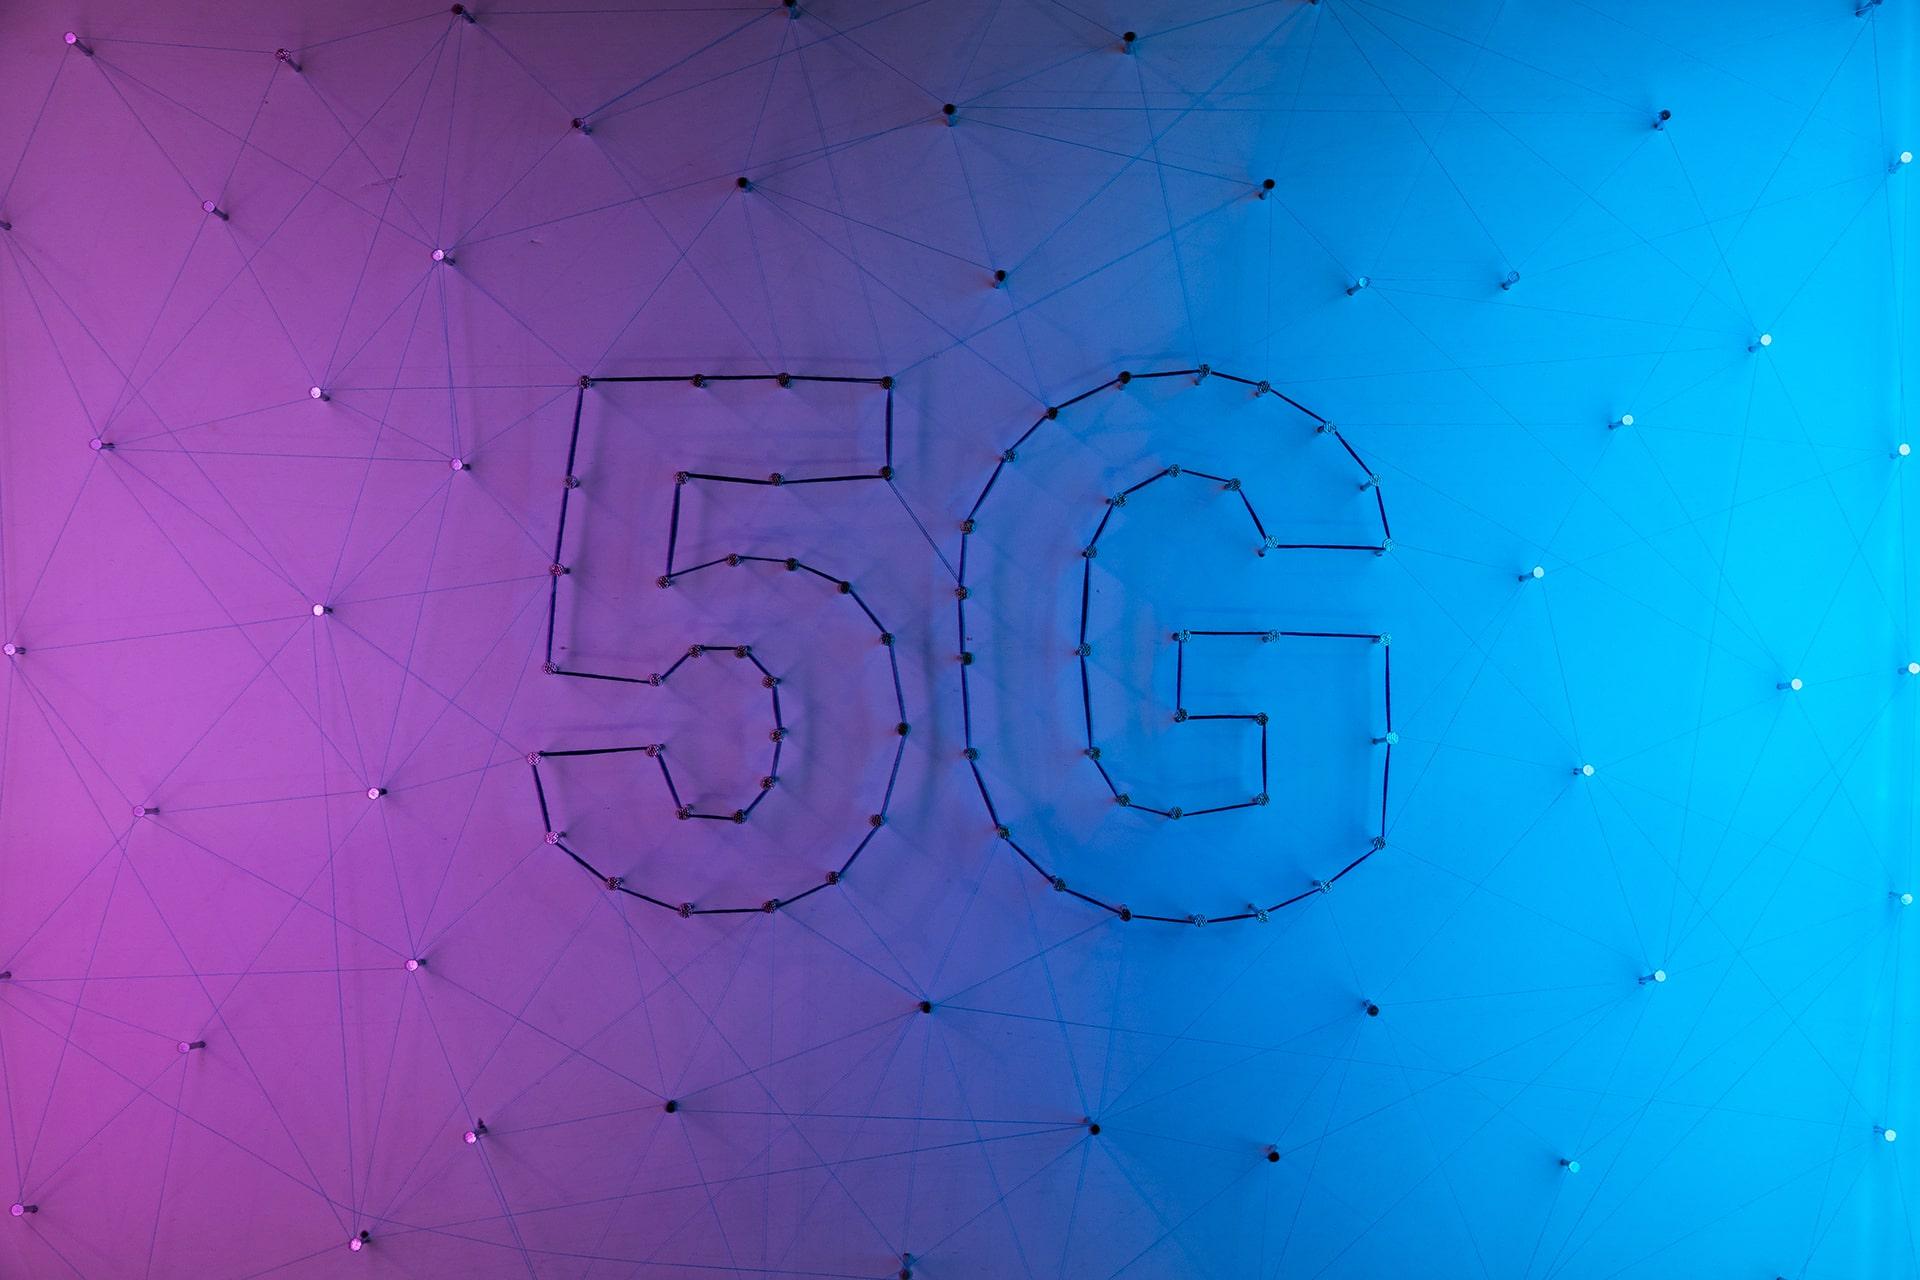 Altro che 5G: con i campi elettromagnetici attuali la popolazione e la vita planetaria sono già a rischio